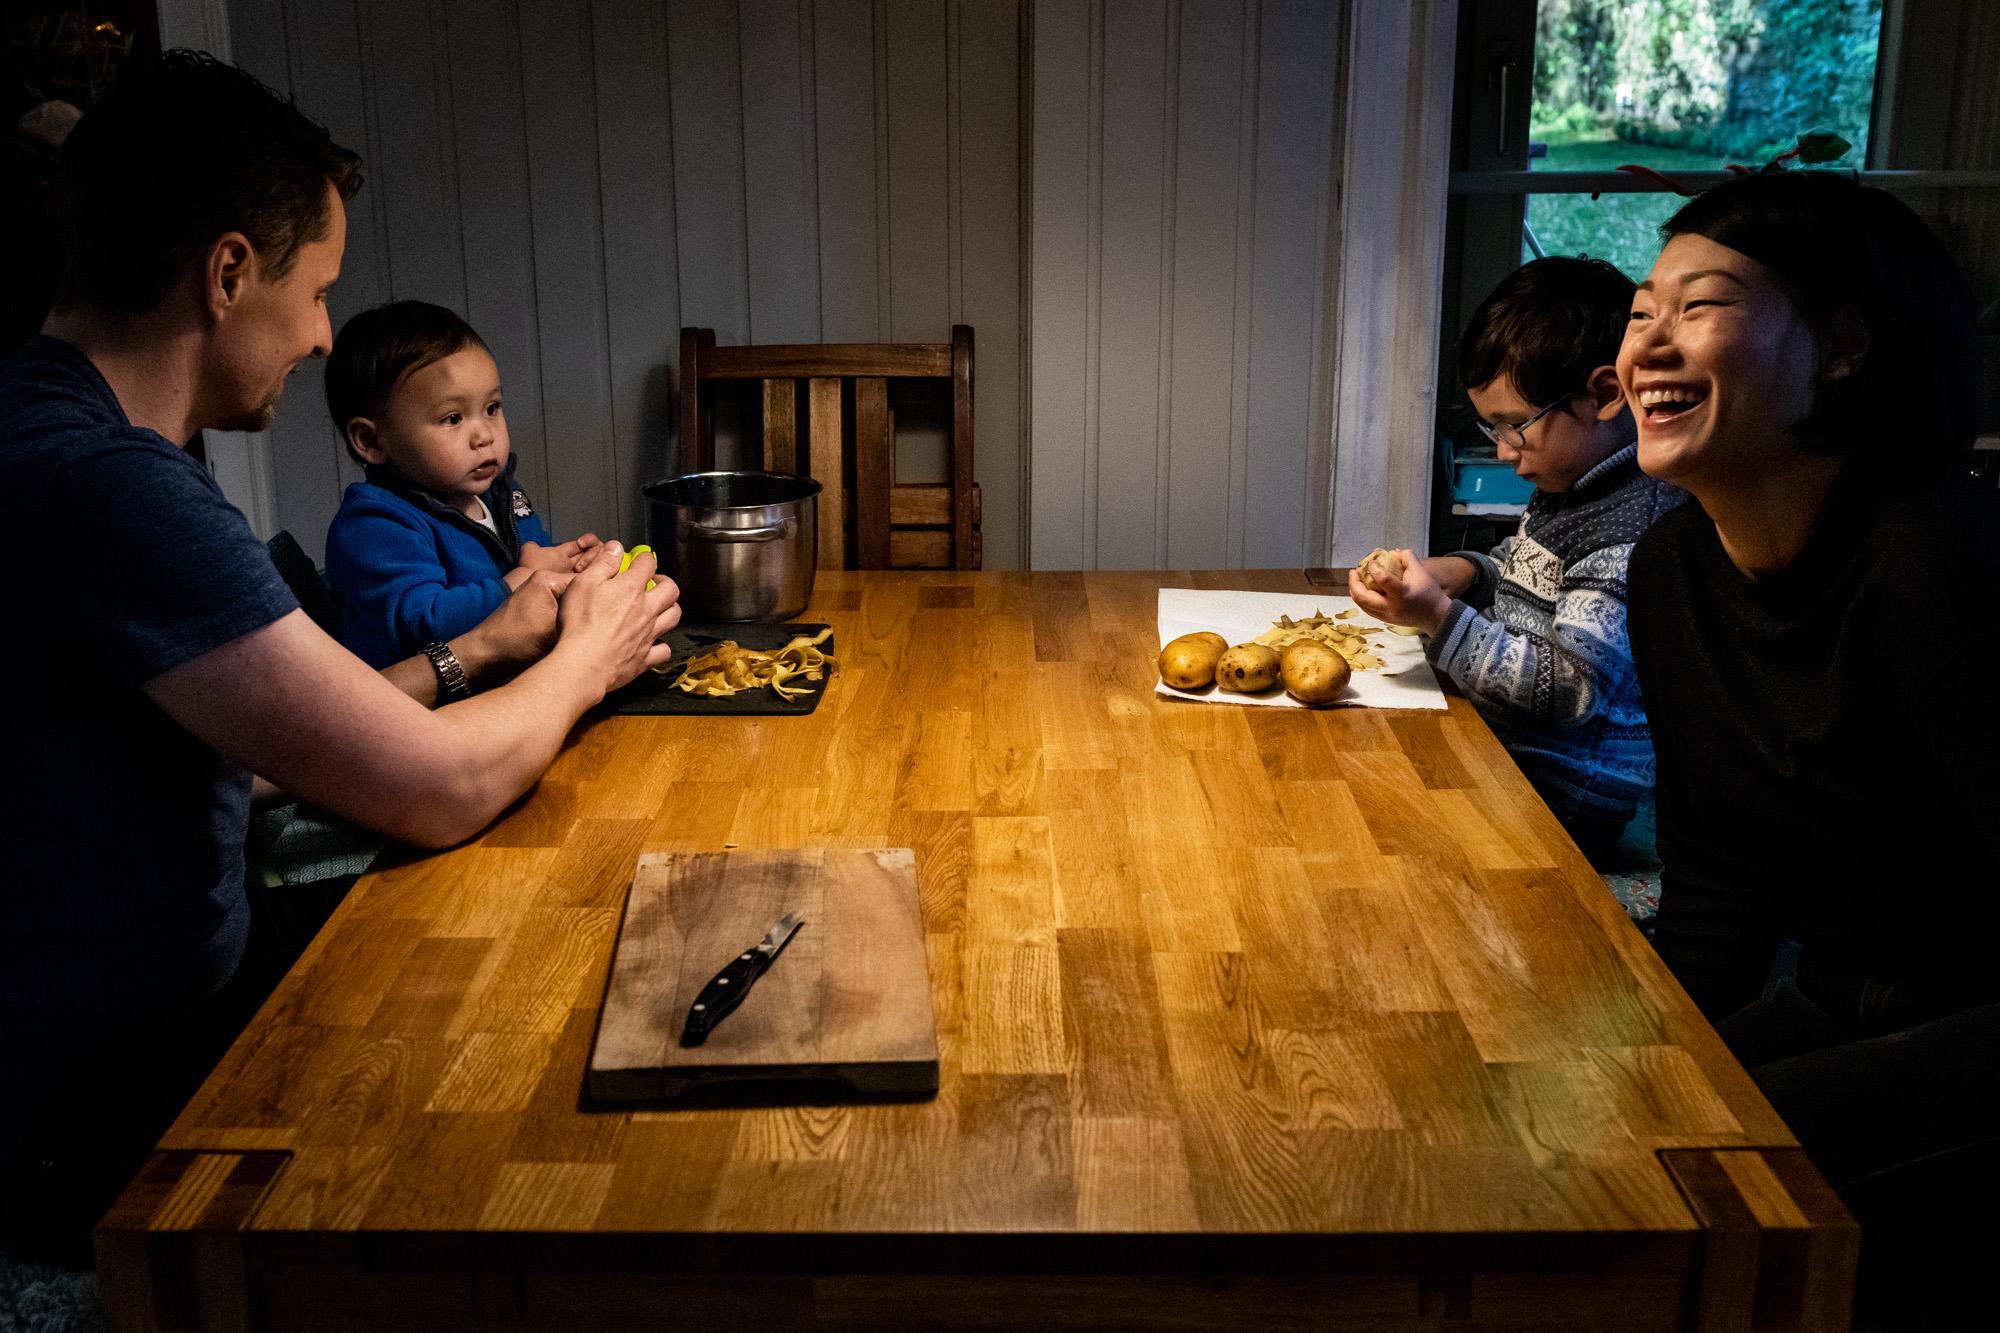 Eine Familie sitzt zusammen an einem Tisch in der Küche, Kinder schälen Kartoffeln.